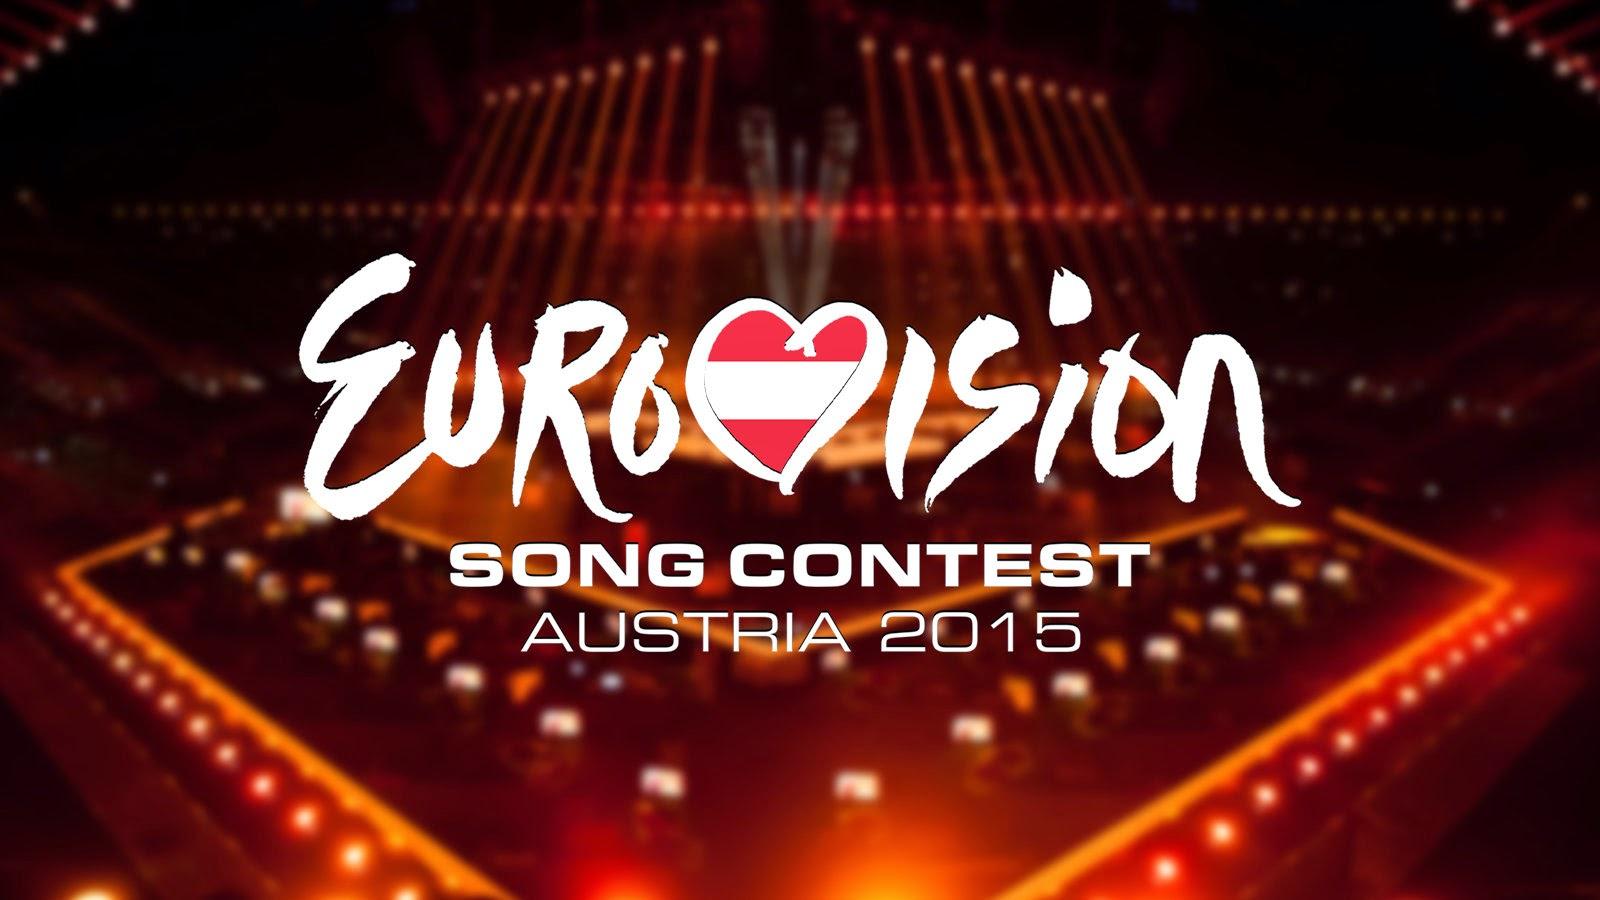 Eurovision Song Contest 2015 su Rai4 e Rai2: come seguire l'evento in tv